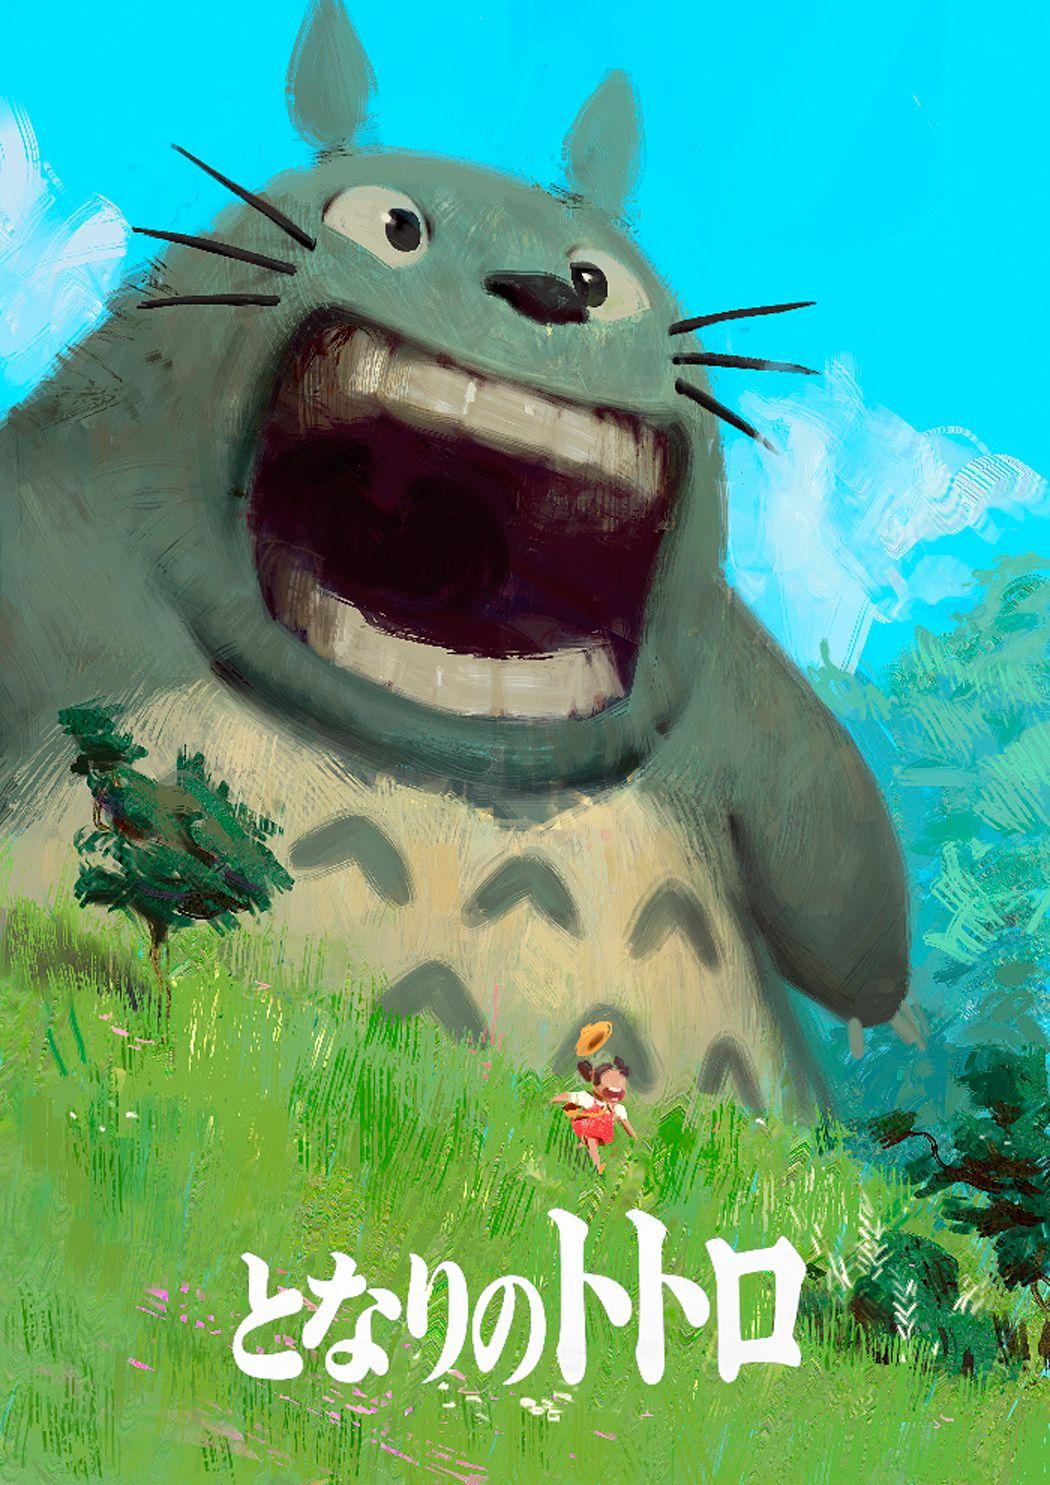 The Art Of Animation: Photo via PinCG.com